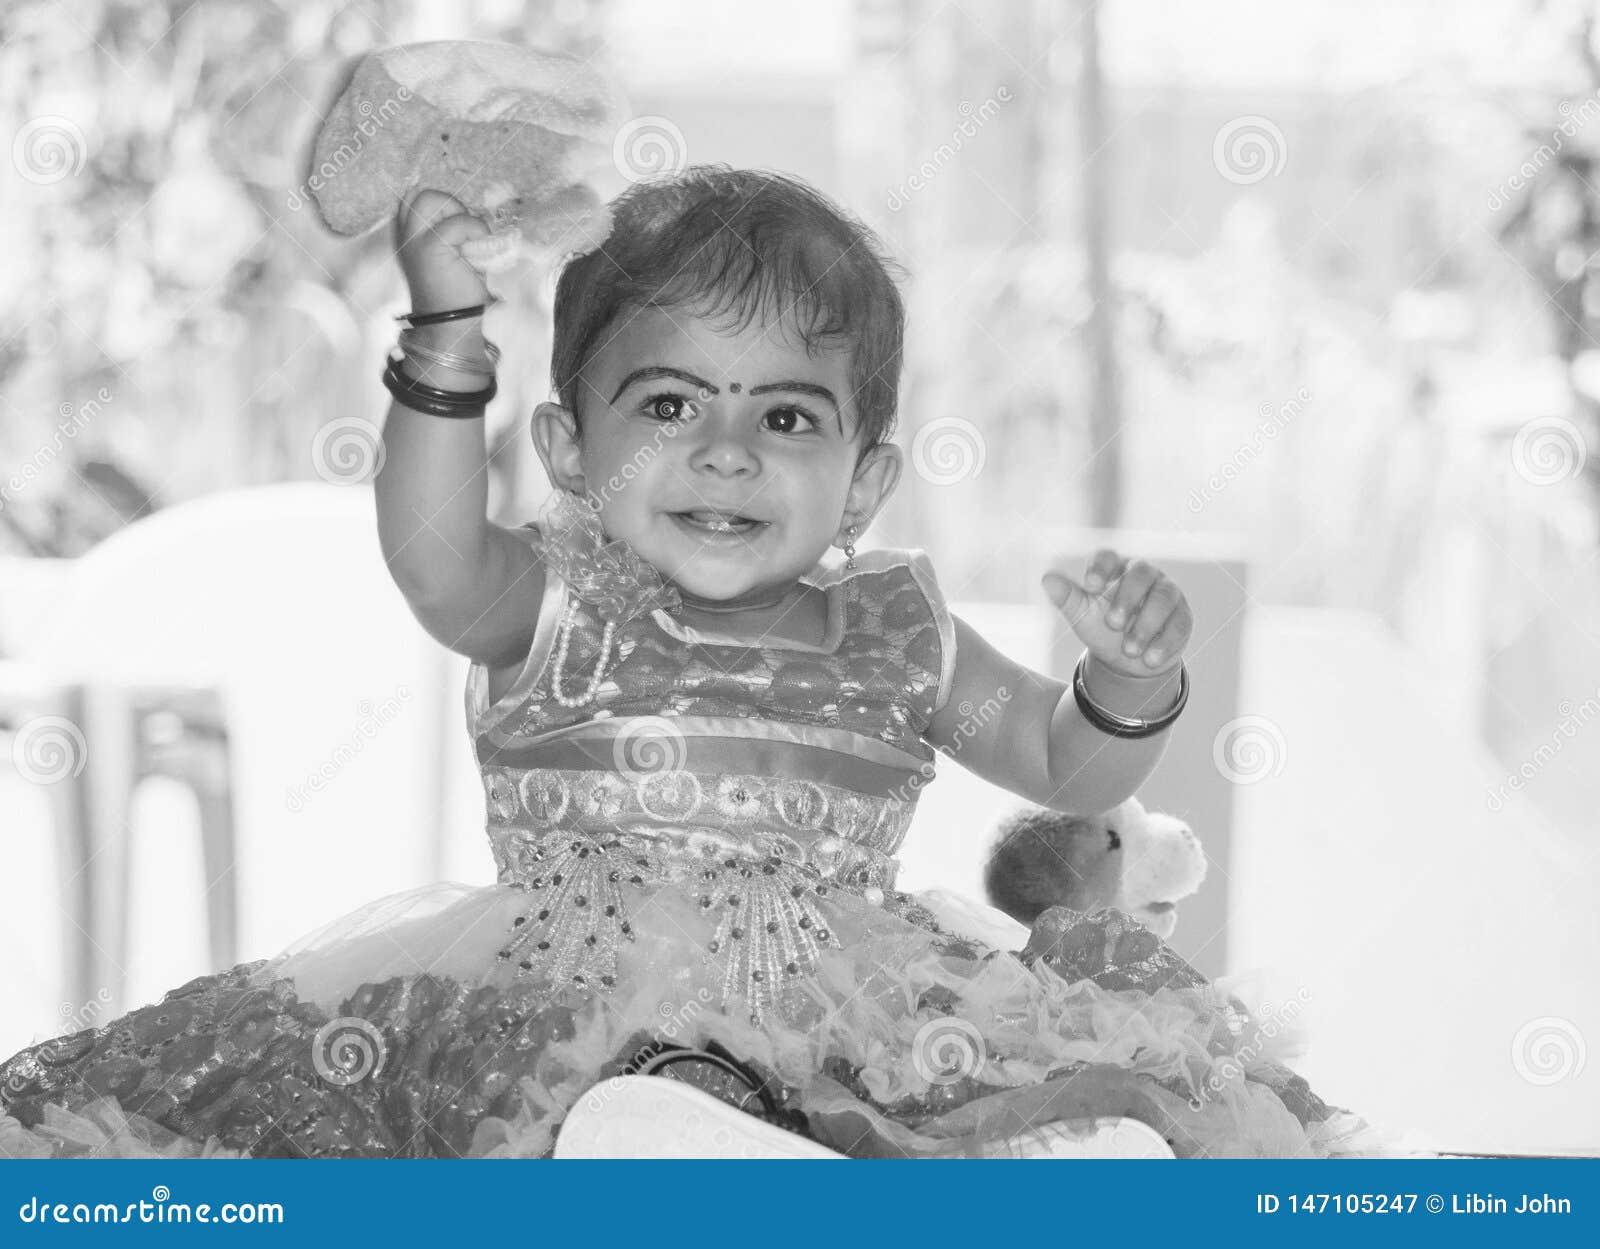 Een zwart-wit portret van een glimlachend leuk Indisch kindmeisje